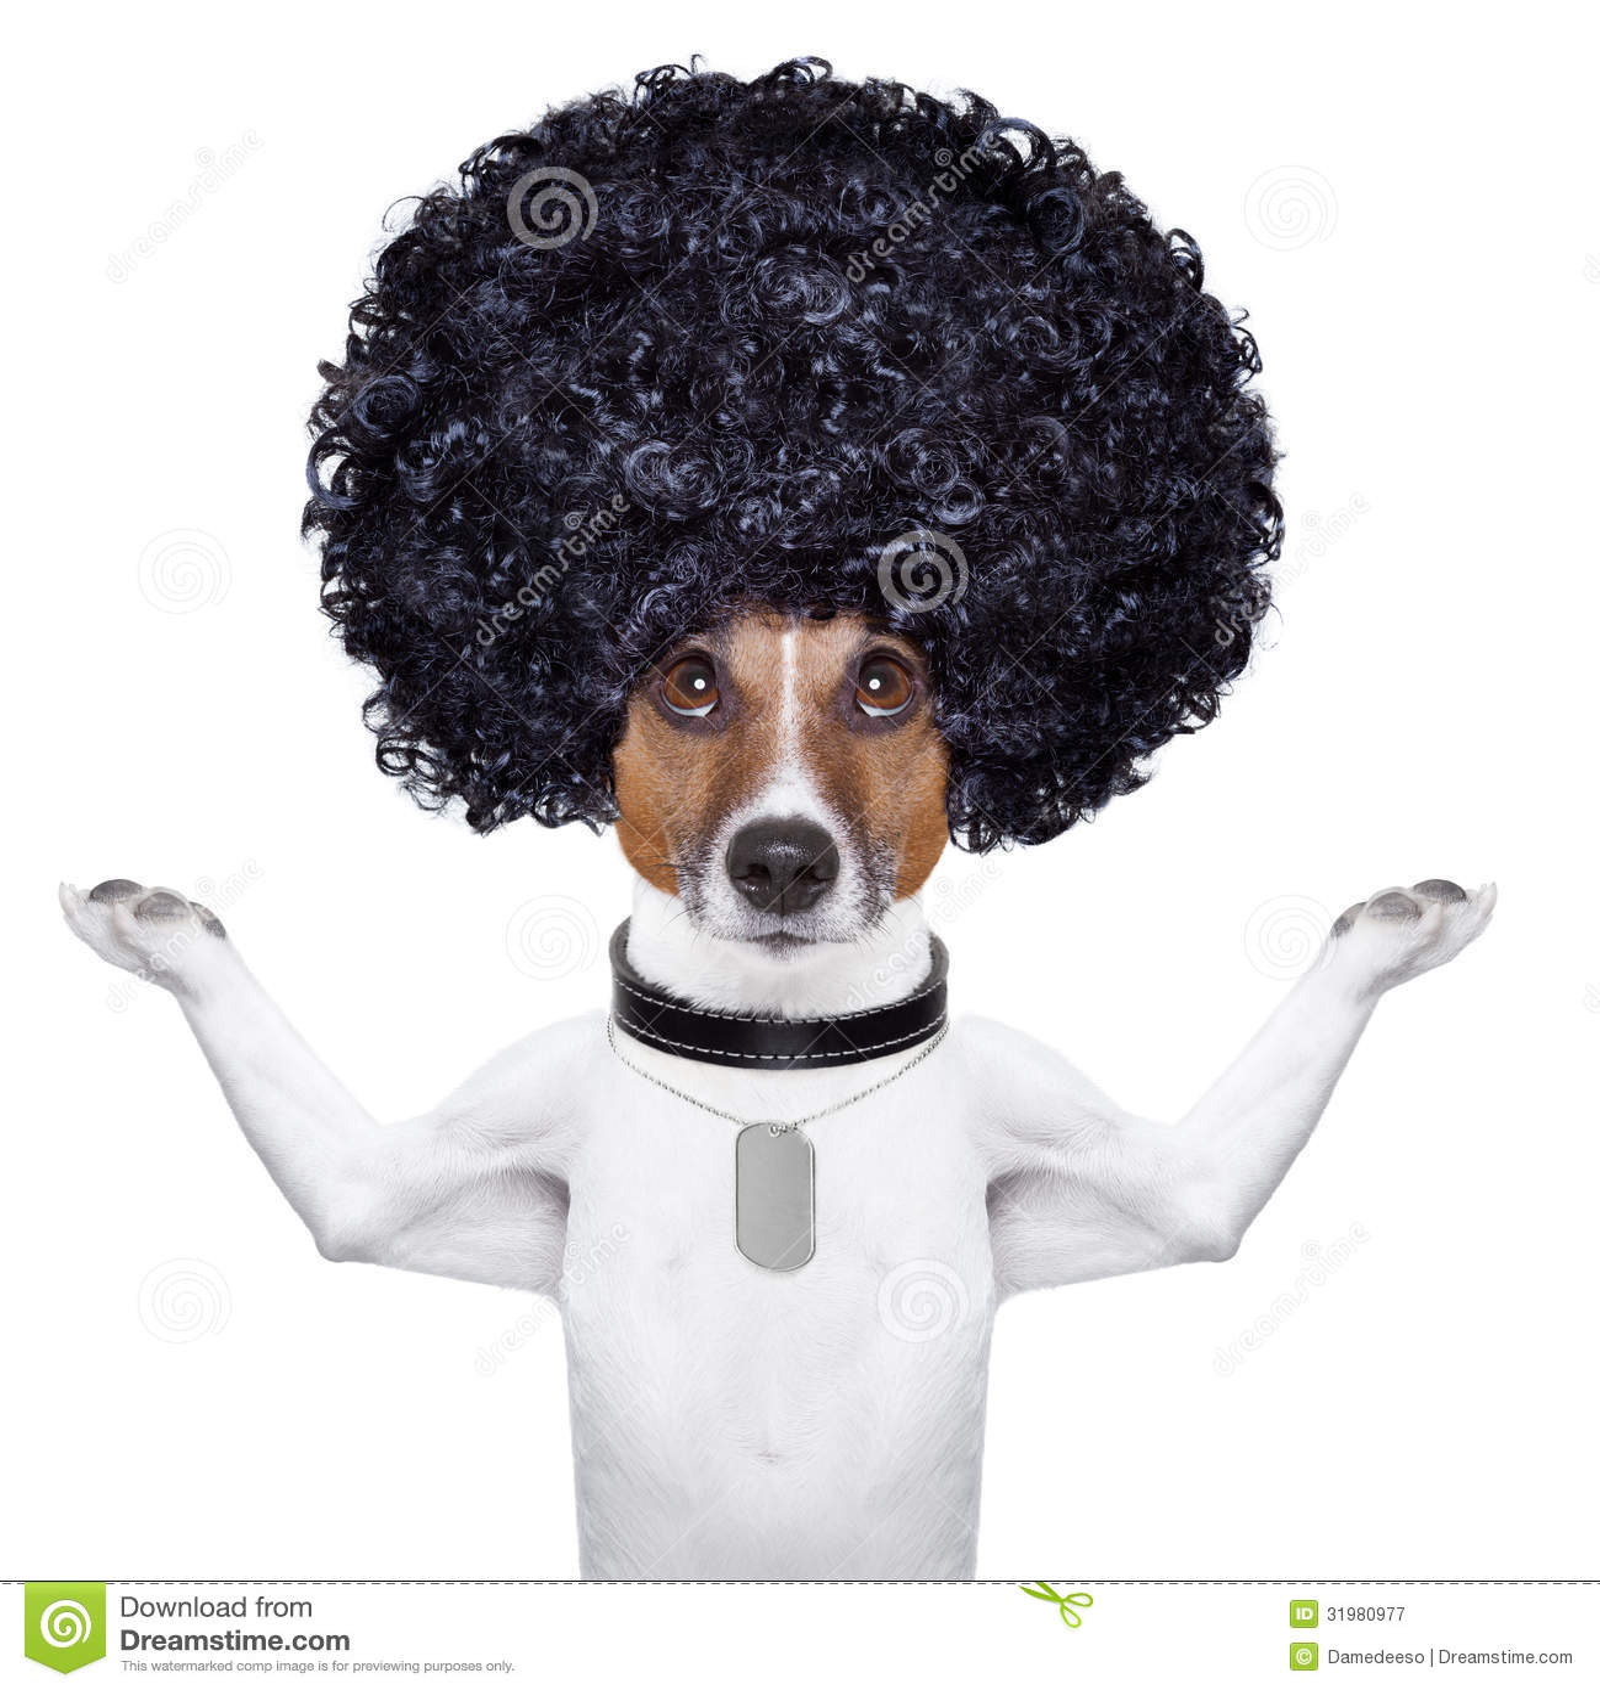 Big Black Dog Curly Hair